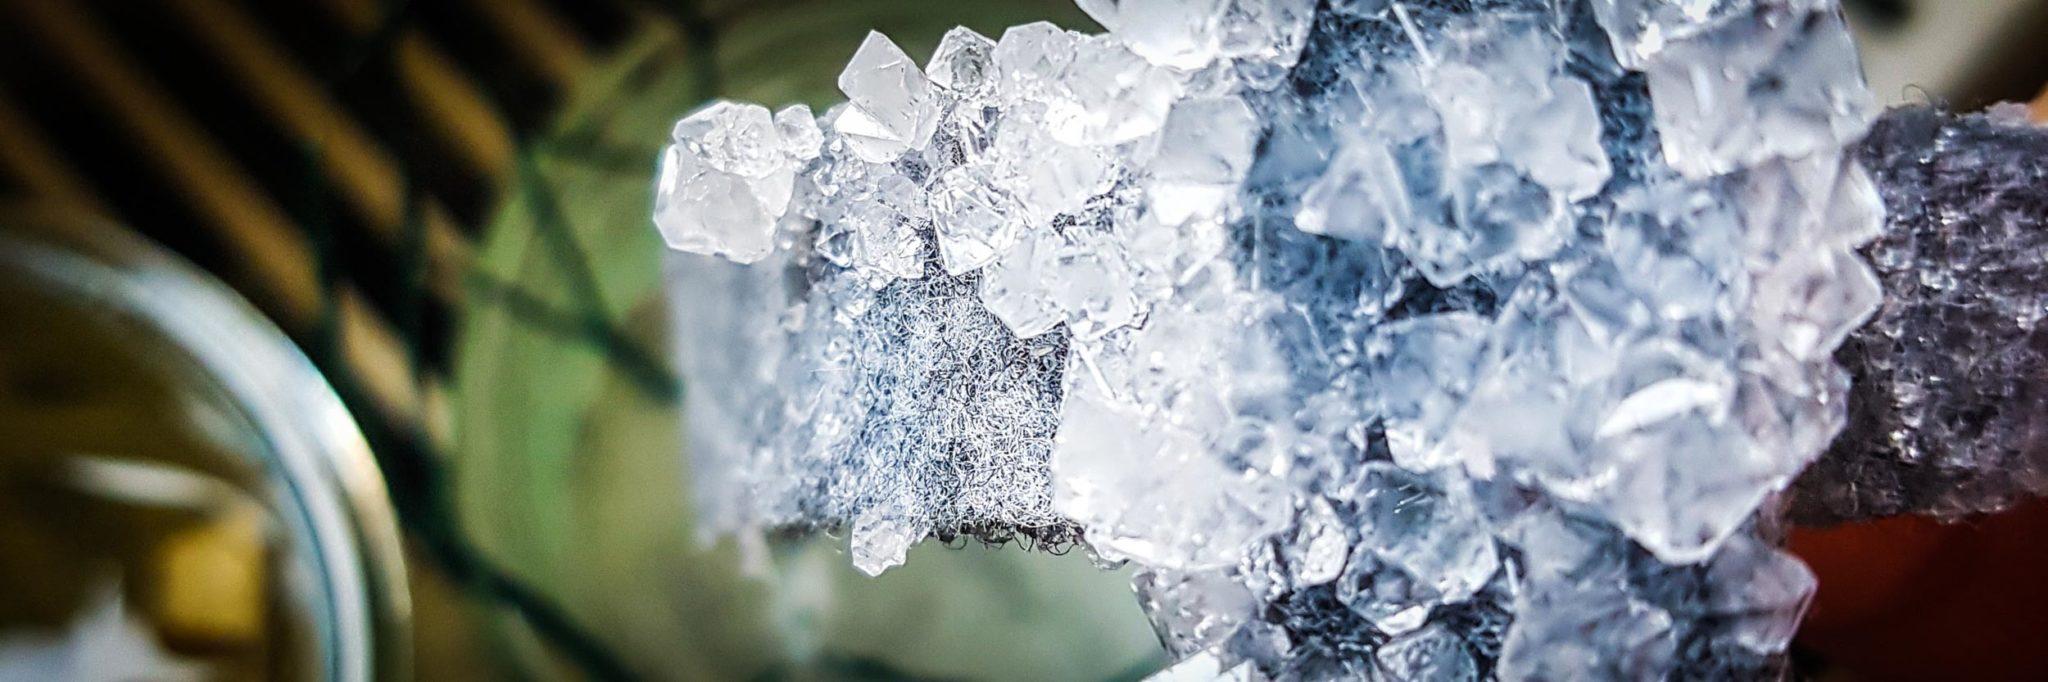 Kristalle wachsen auf einem Stück Filz.